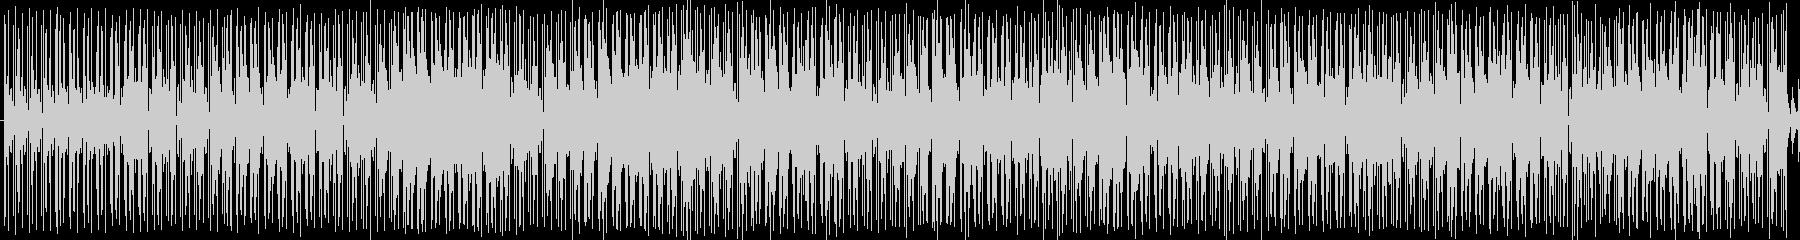 ジャズ・アンビエントテイストなヒップホ…の未再生の波形